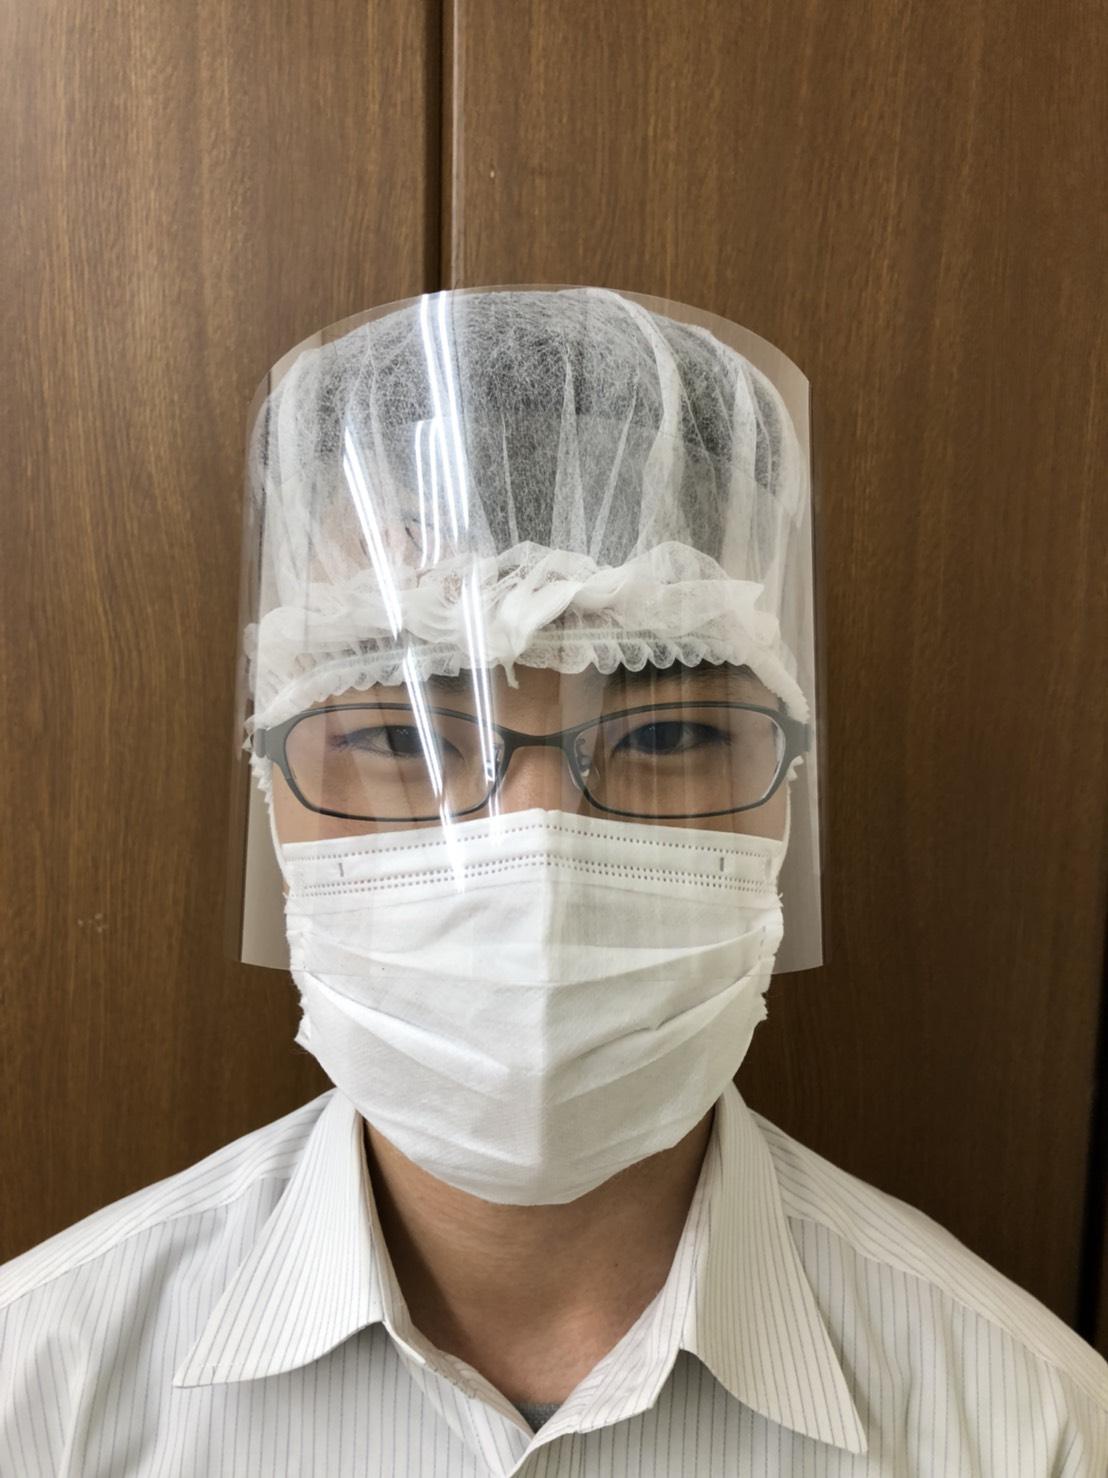 飛沫感染対策 フェイスシールド 150H(フェイスガード)製作